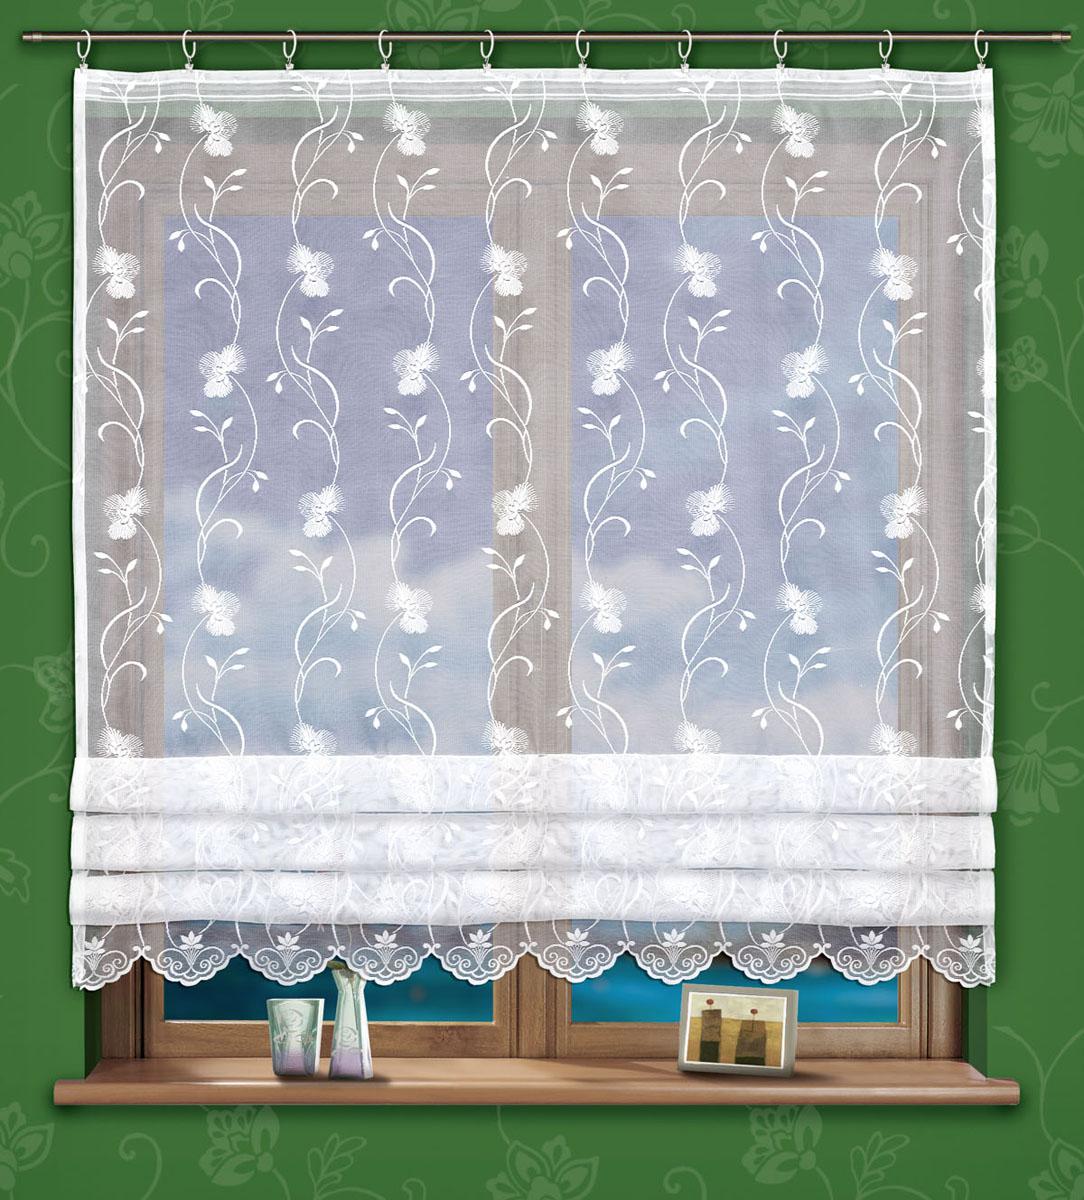 Гардина Salma, на ленте, цвет: белый, высота 150 см737802Воздушная гардина Salma, изготовленная из полиэстера белого цвета, станет украшением любого окна. Тонкое плетение и роскошный цветочный узор привлекут к себе внимание и органично впишутся в интерьер. В гардину вшита шторная лента. Характеристики:Материал: 100% полиэстер. Размер упаковки:27 см х 35 см х 3 см. Артикул: 737840.В комплект входит:Гардина - 1 шт. Размер (Ш х В): 160 см х 150 см. Фирма Wisan на польском рынке существует уже более пятидесяти лет и является одной из лучших польских фабрик по производству штор и тканей. Ассортимент фирмы представлен готовыми комплектами штор для гостиной, детской, кухни, а также текстилем для кухни (скатерти, салфетки, дорожки, кухонные занавески). Модельный ряд отличает оригинальный дизайн, высокое качество. Ассортимент продукции постоянно пополняется.